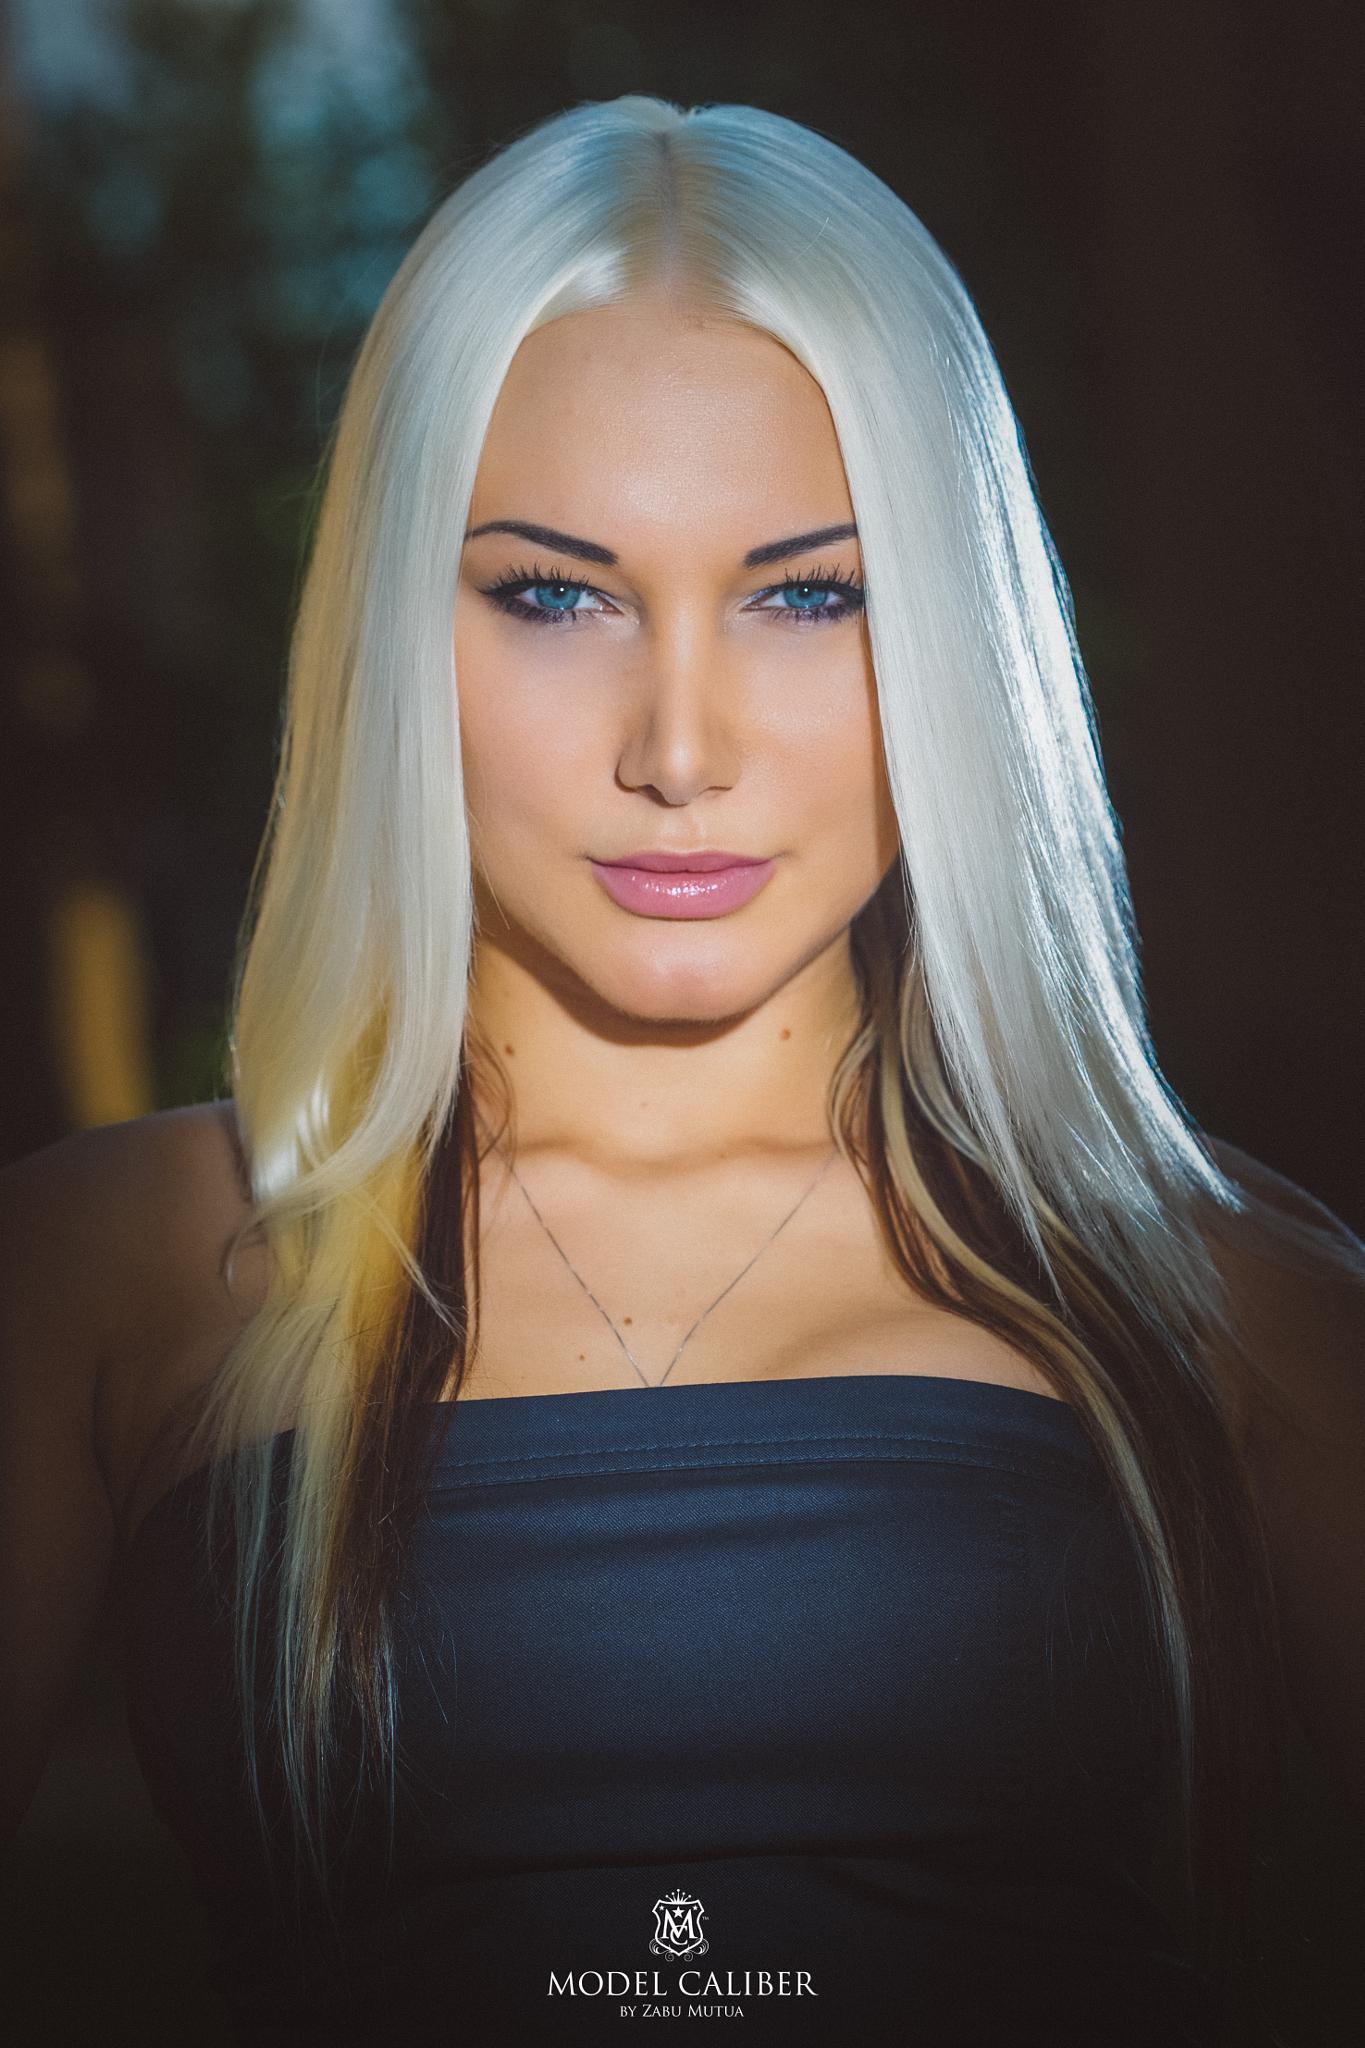 Russian Beauty by Model Caliber by Zabu Mutua